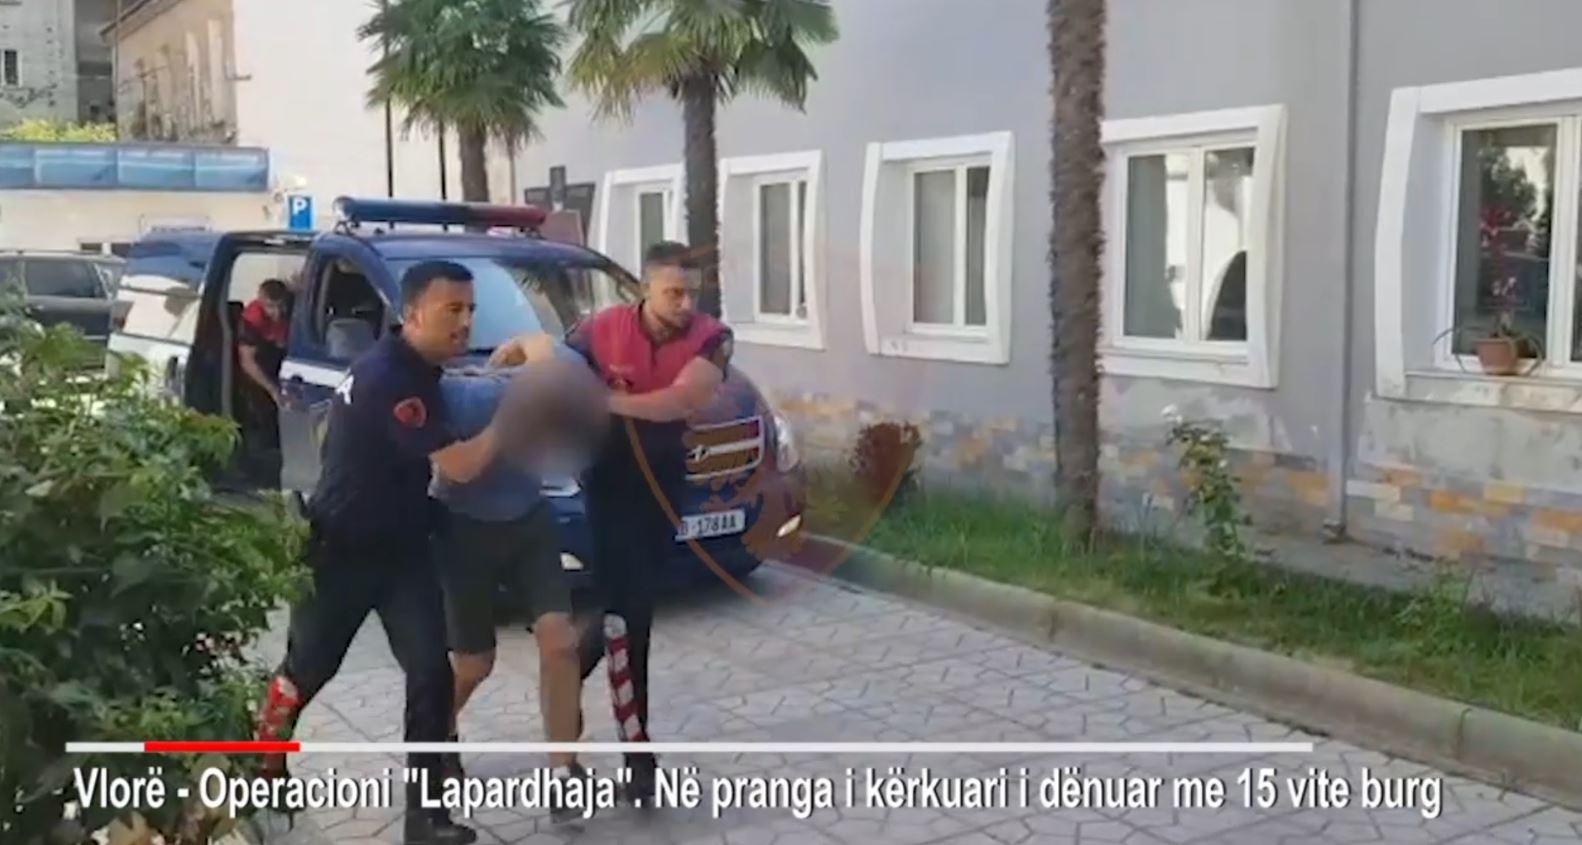 Vlorë, arrestohet 31-vjeçari i dënuar me15 vite burg